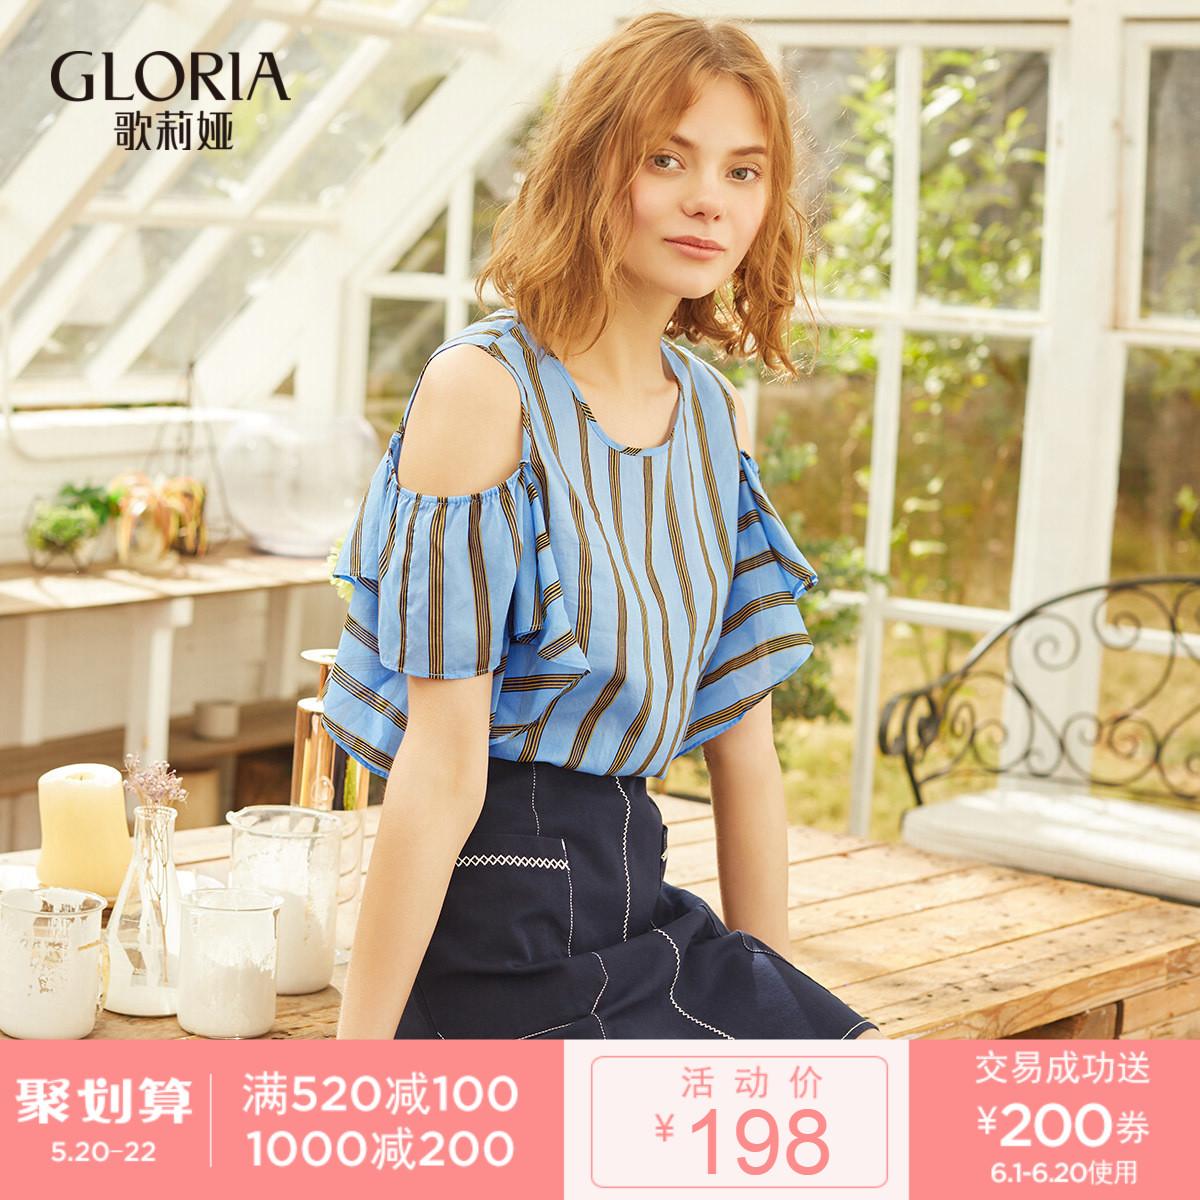 歌莉娅女装 GLORIA歌莉娅女装2018新露肩圆领荷叶袖条纹衫183E3E140_推荐淘宝好看的歌莉娅